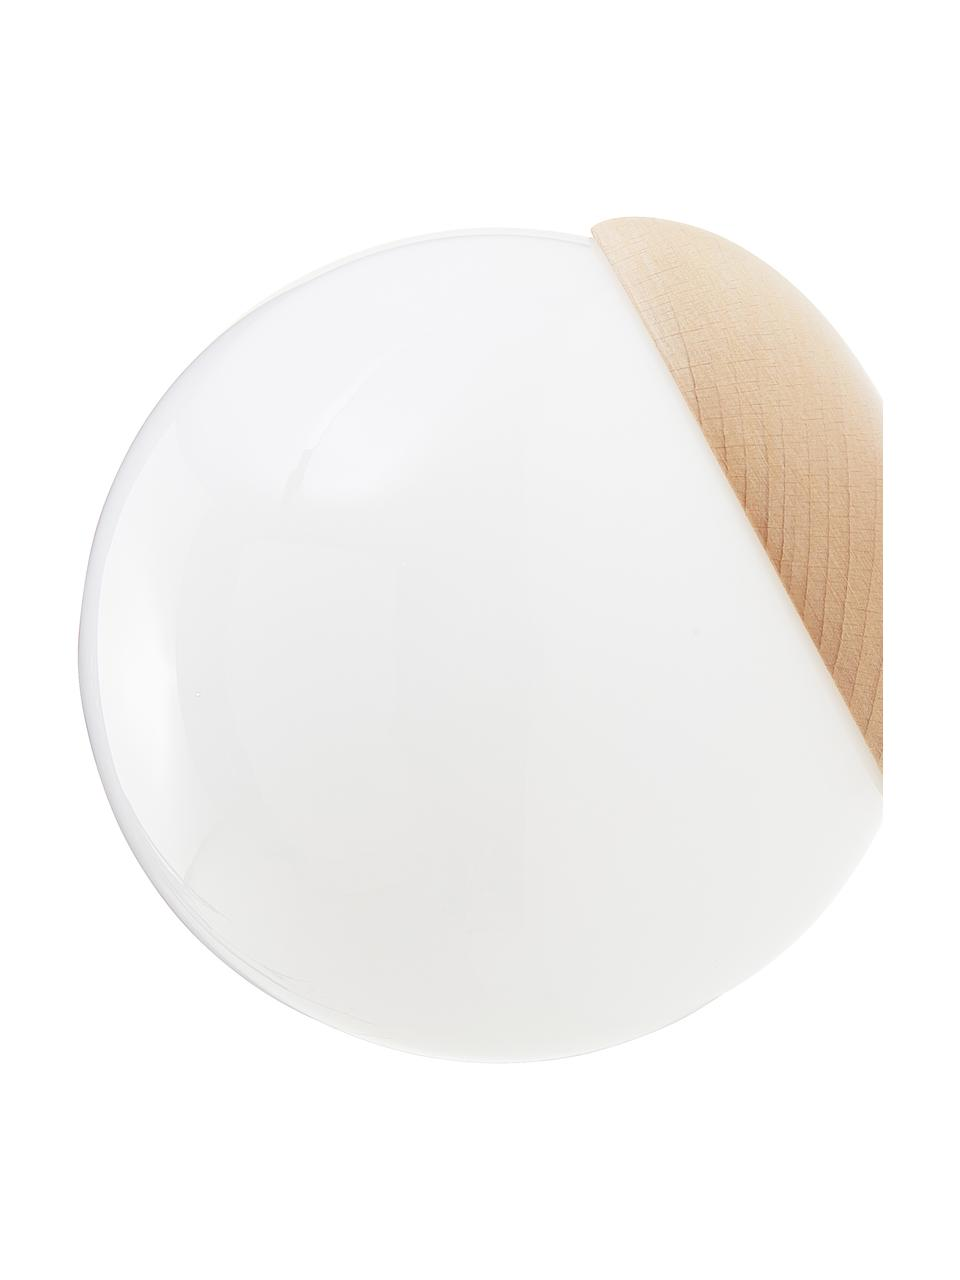 Applique in vetro opale e legno Sfera, Paralume: vetro opale, Decorazione: legno, Bianco opalino, marrone, Larg. 15 x Alt. 15 cm